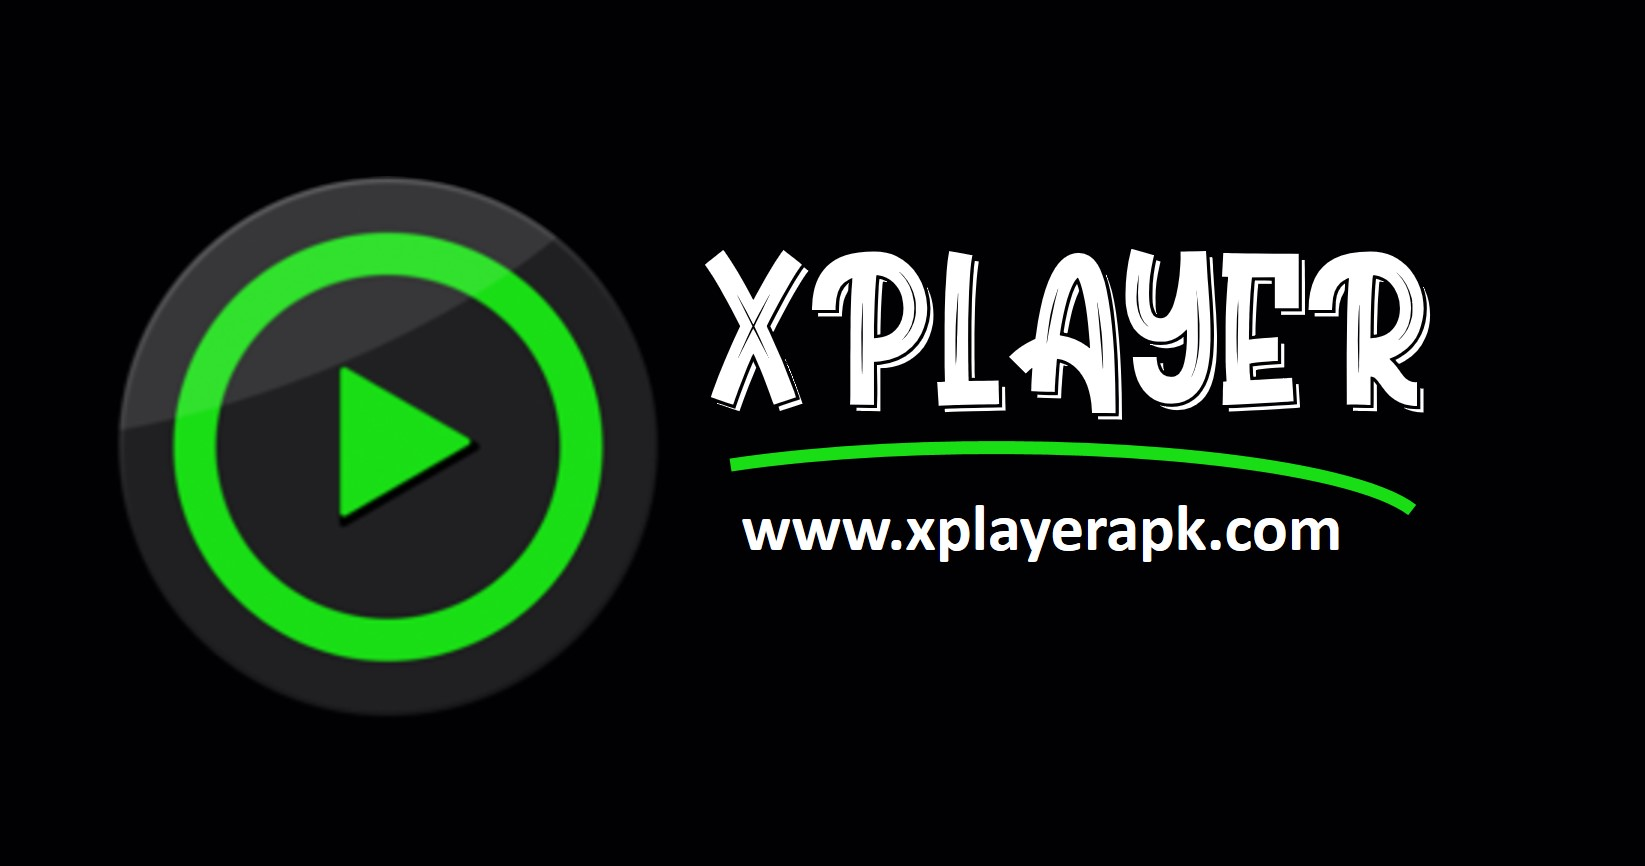 xplayer